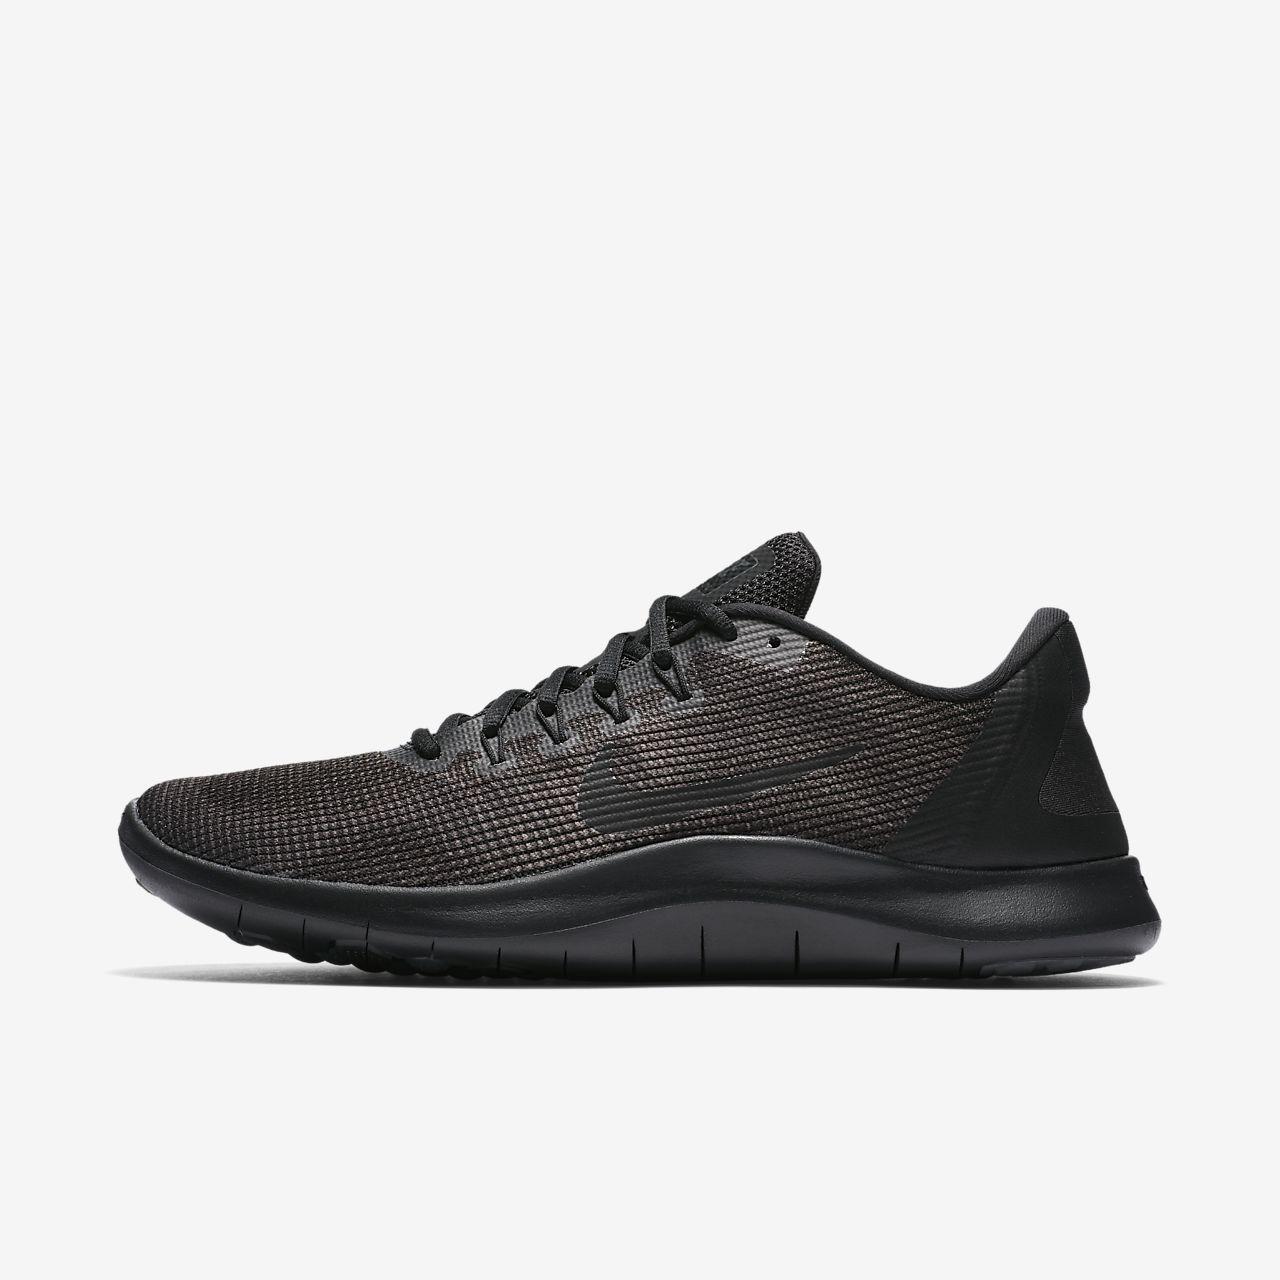 Buty do biegania Nike Flex RN 2018 AA7397 002 | MARKI